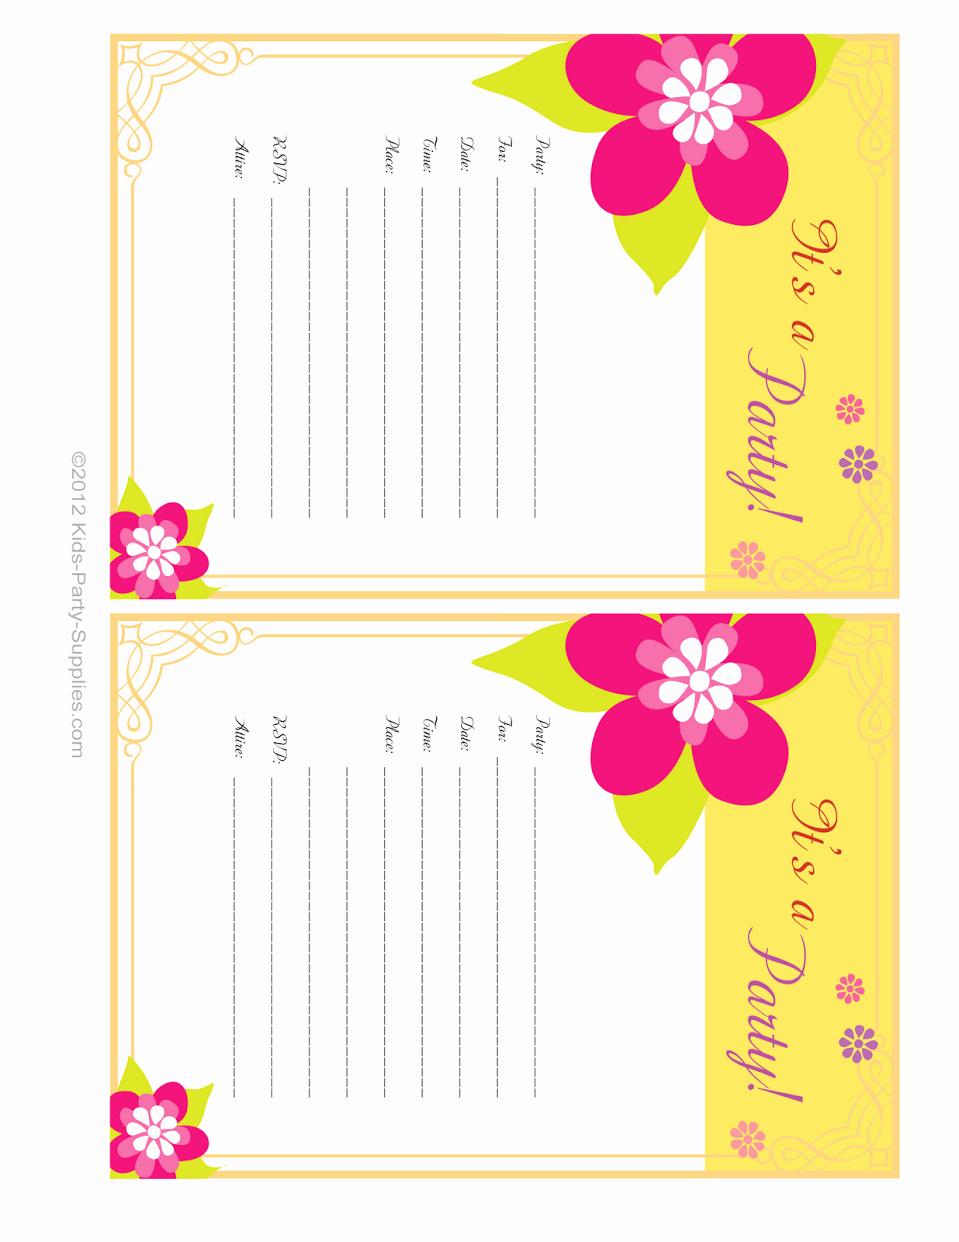 Hawaiian themed Invitation Templates Free New Hawaiian Party Invitations Free Printable